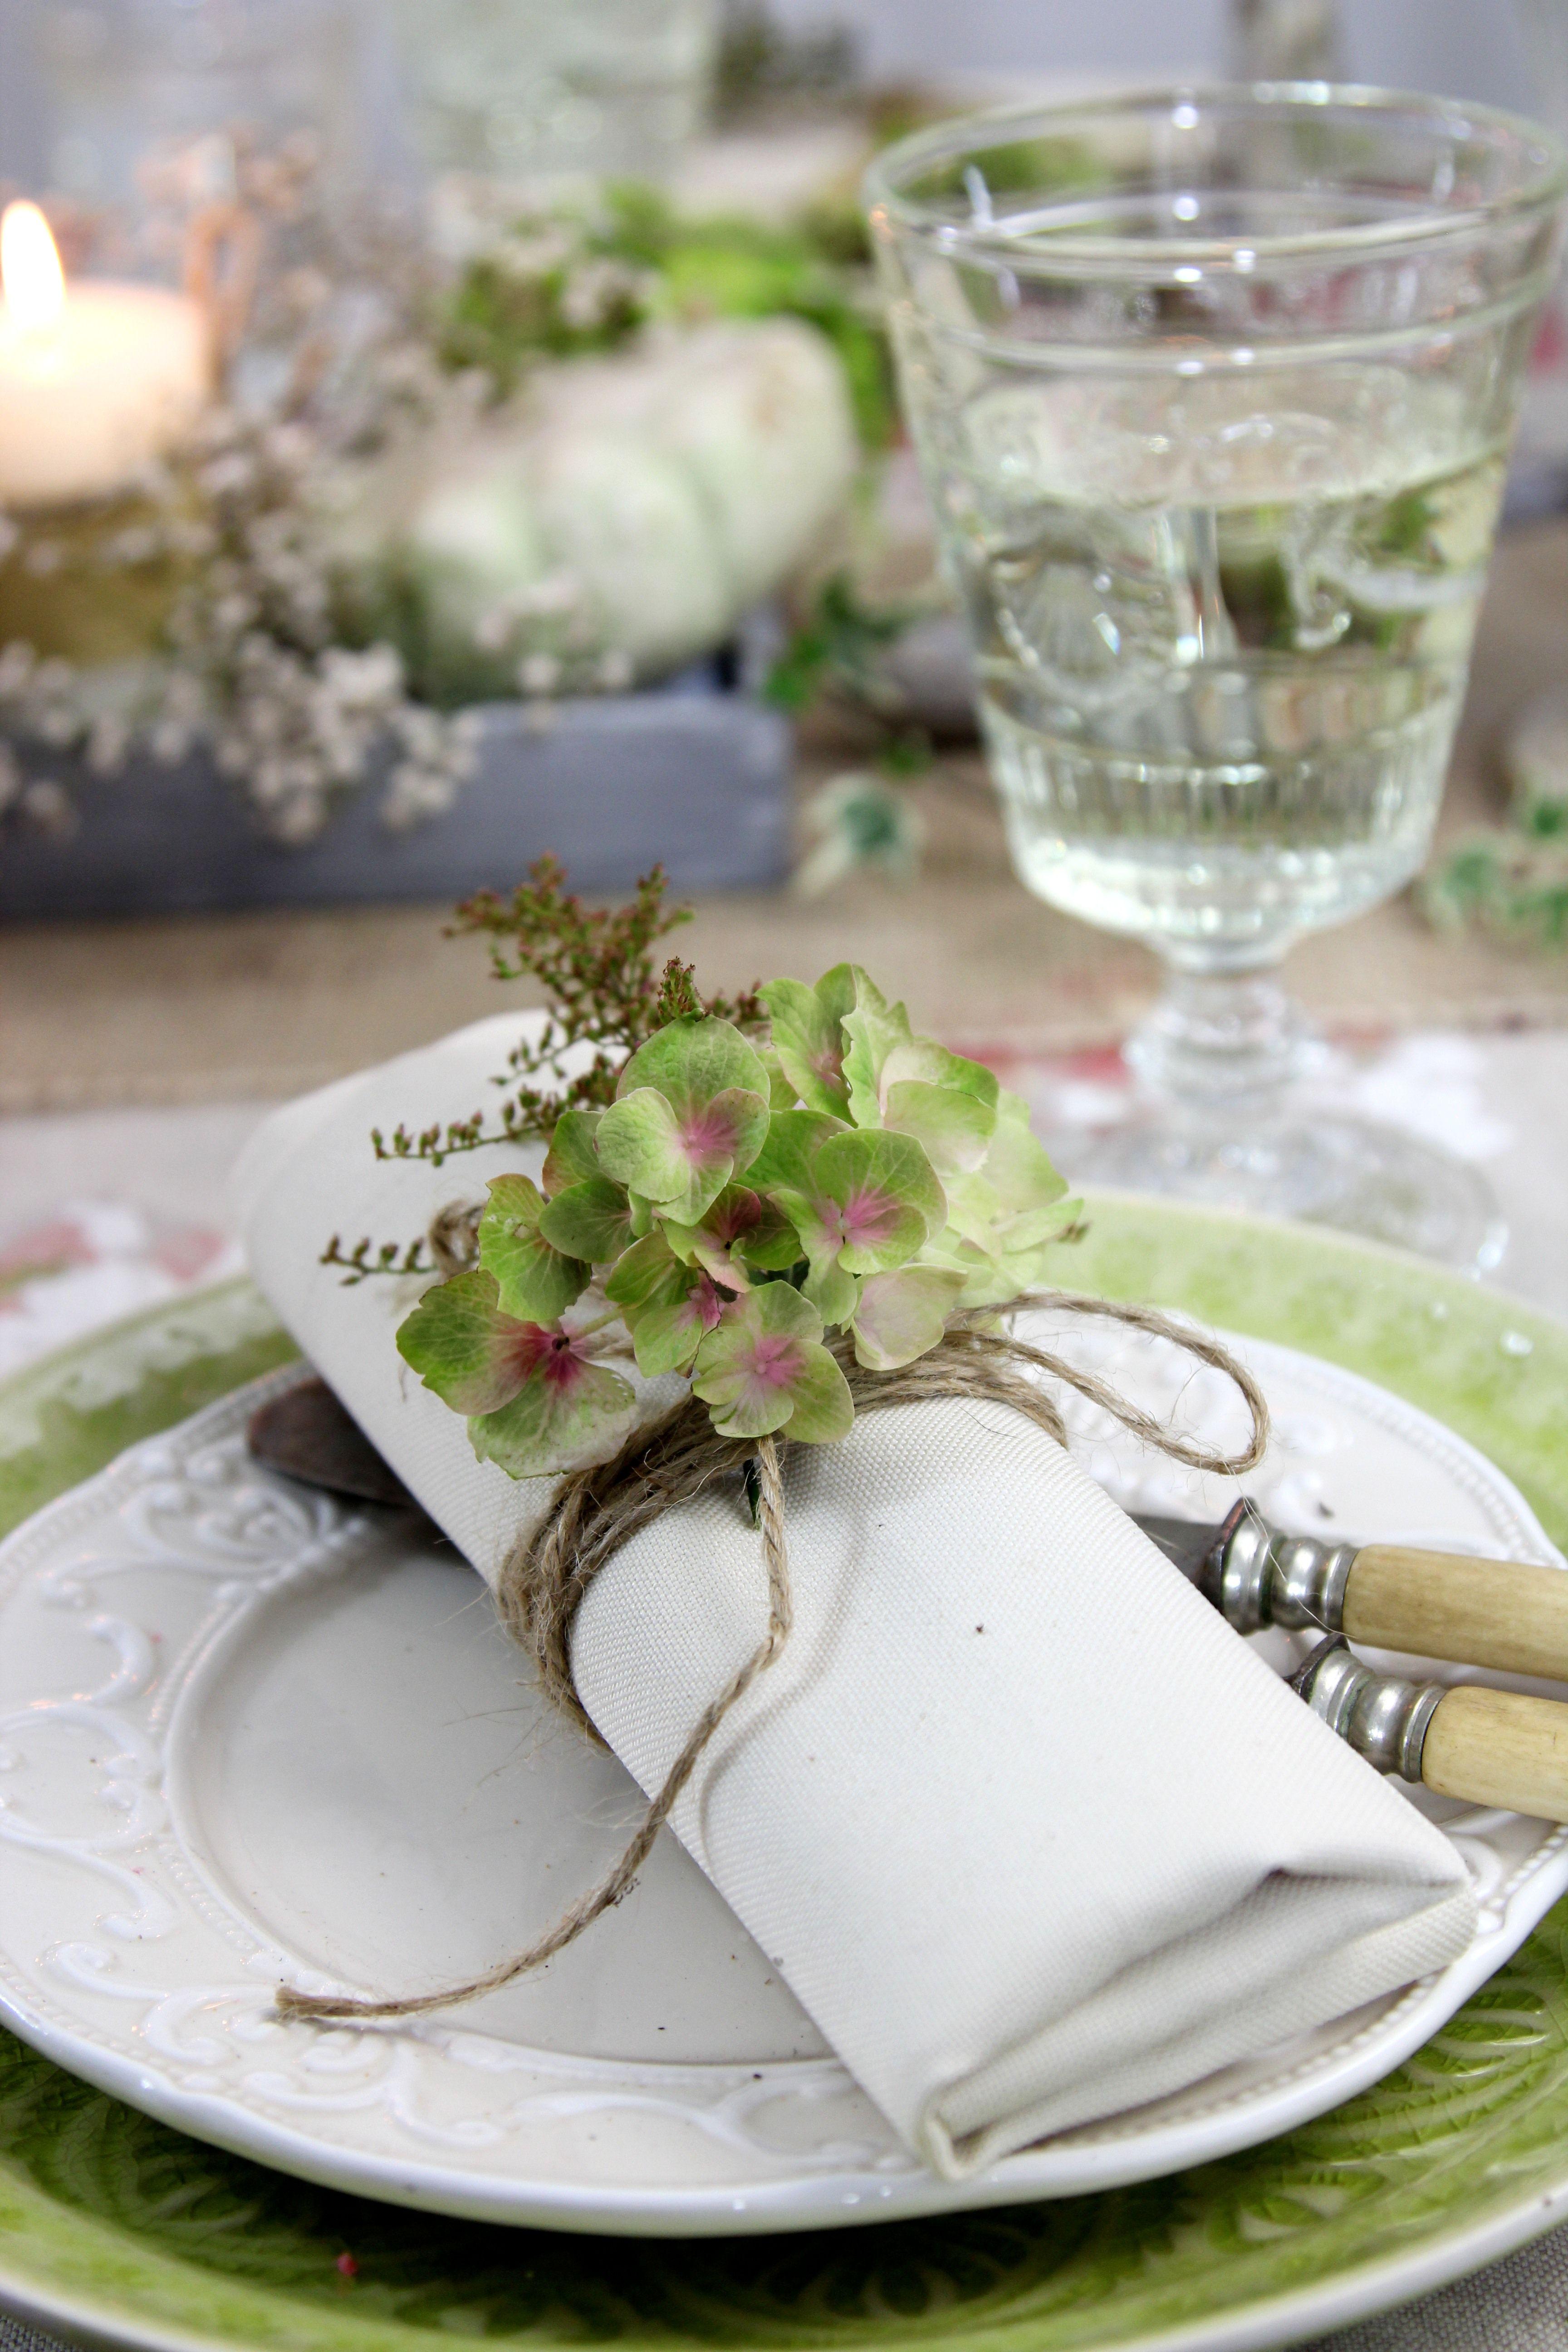 Serviettendeko herbst mit verbl hten hortensien und - Tischdekoration taufe ...